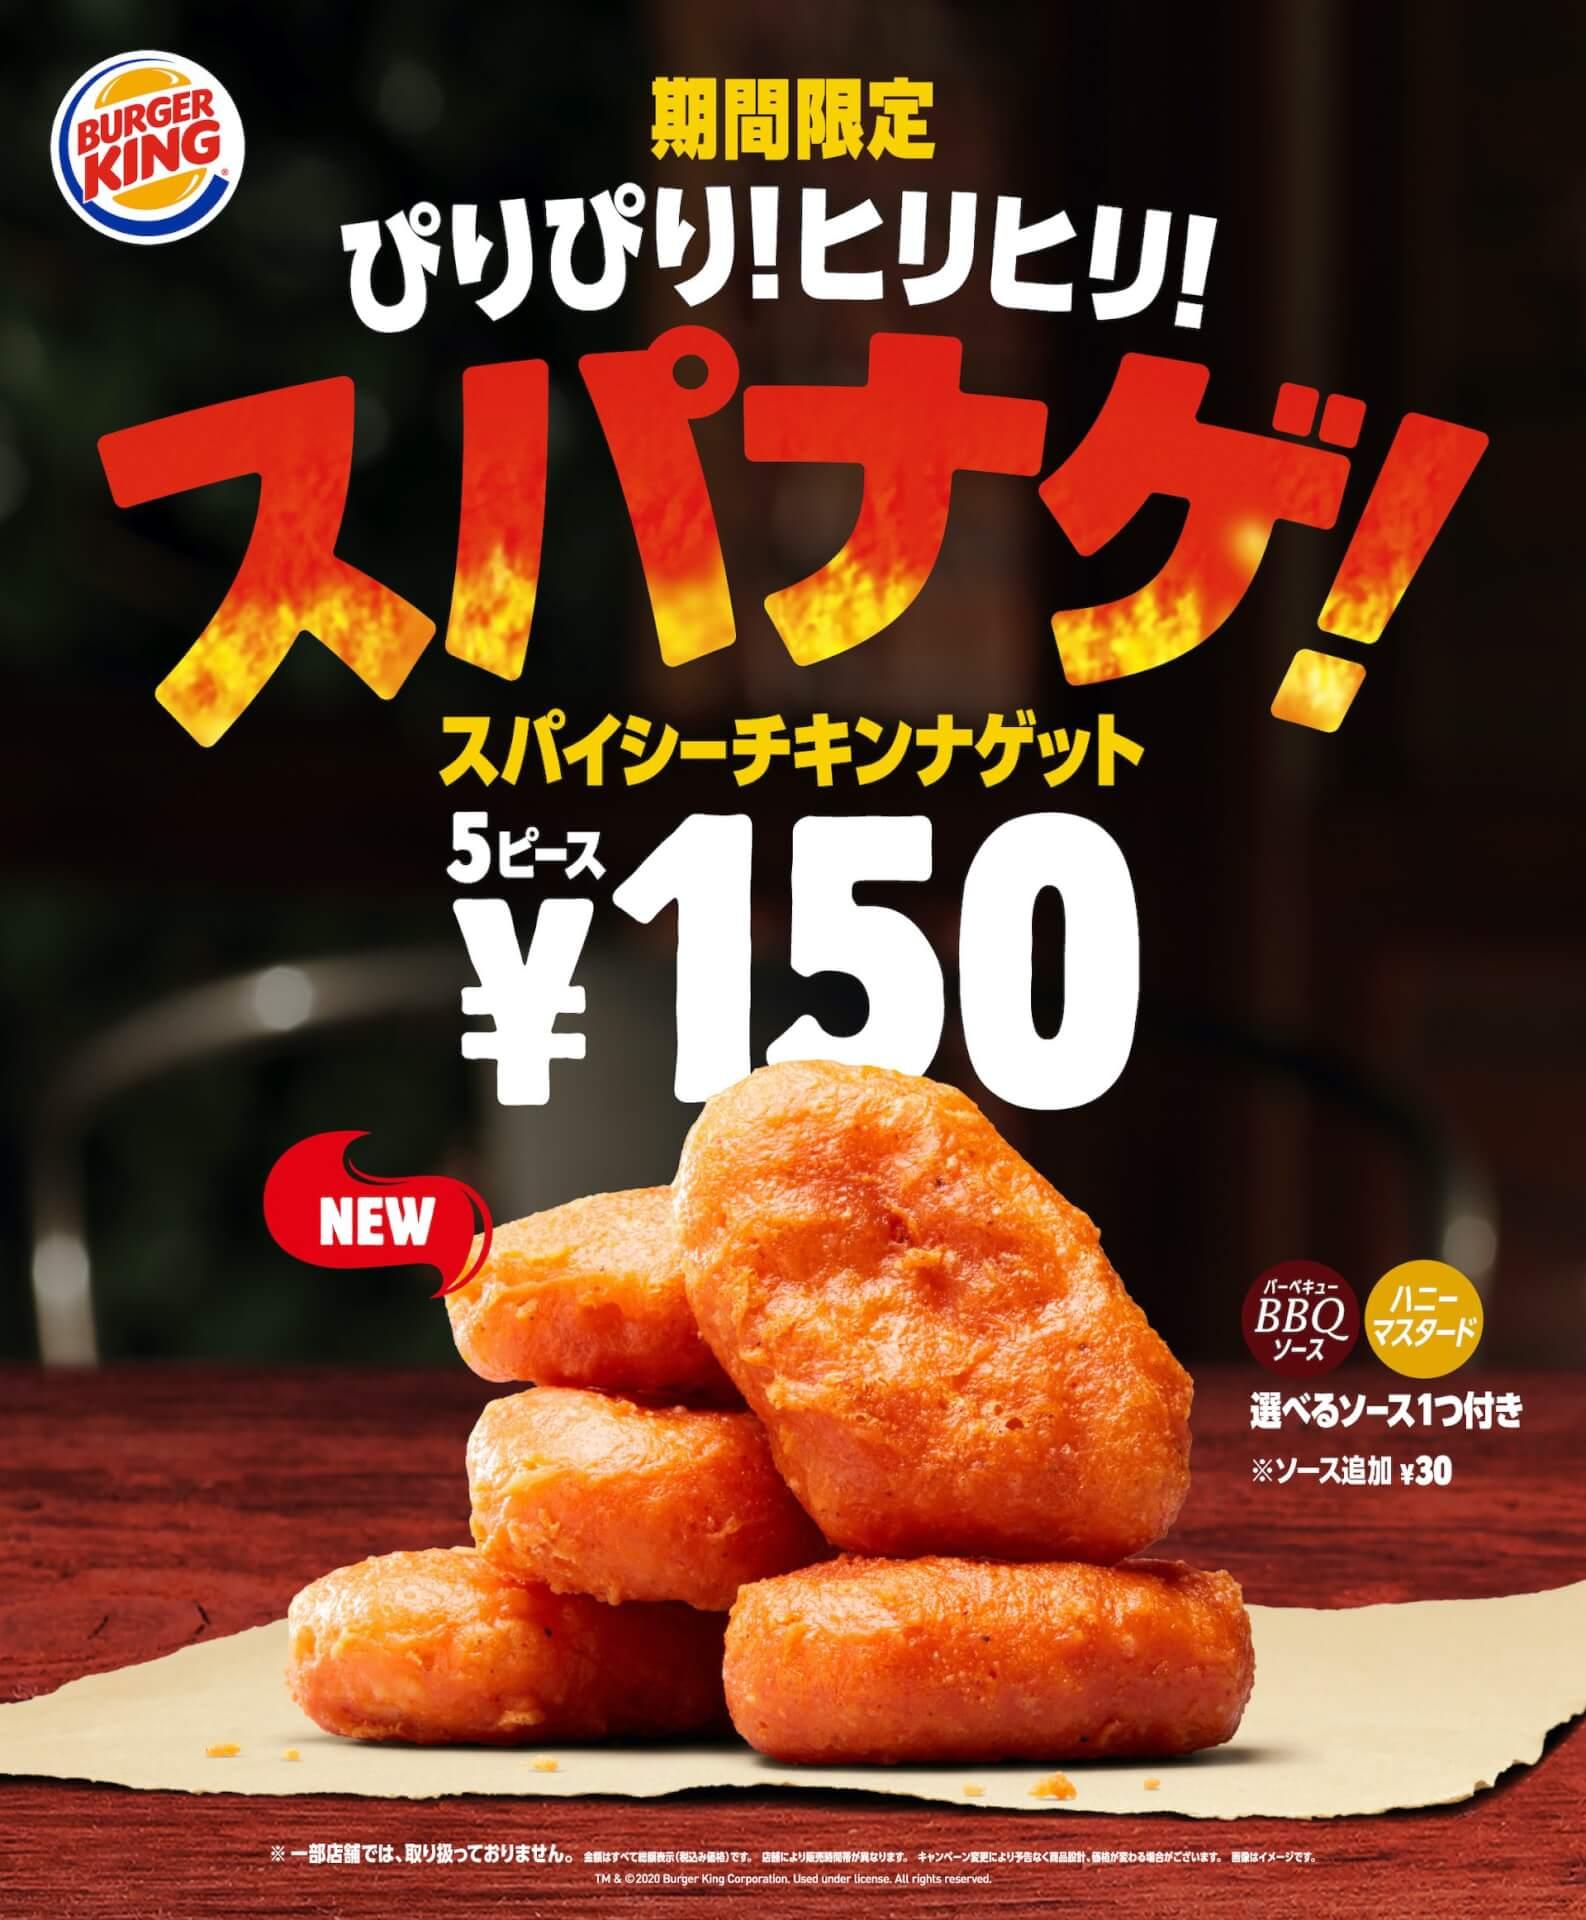 バーガーキング(R)からあとひく辛さの『スパナゲ!』が5ピース150円で期間限定新登場!サイドメニュー『チキンバイツ』も新発売 gourmet200625_supanage_01